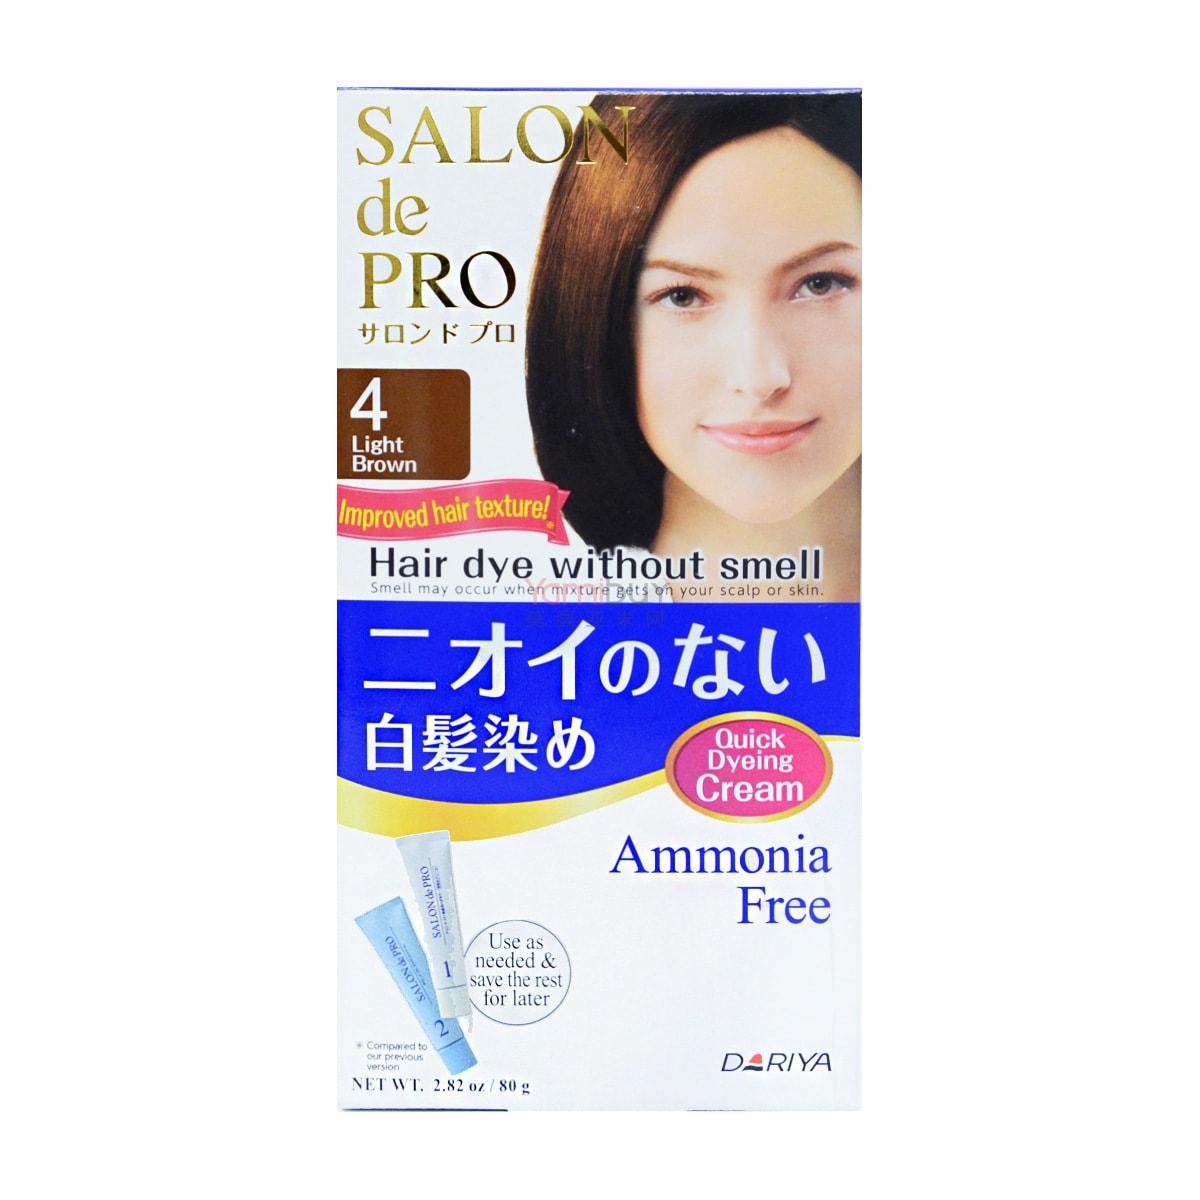 日本DARIYA SALON DE PRO 白发专用无味染发剂 #4浅棕色 80g